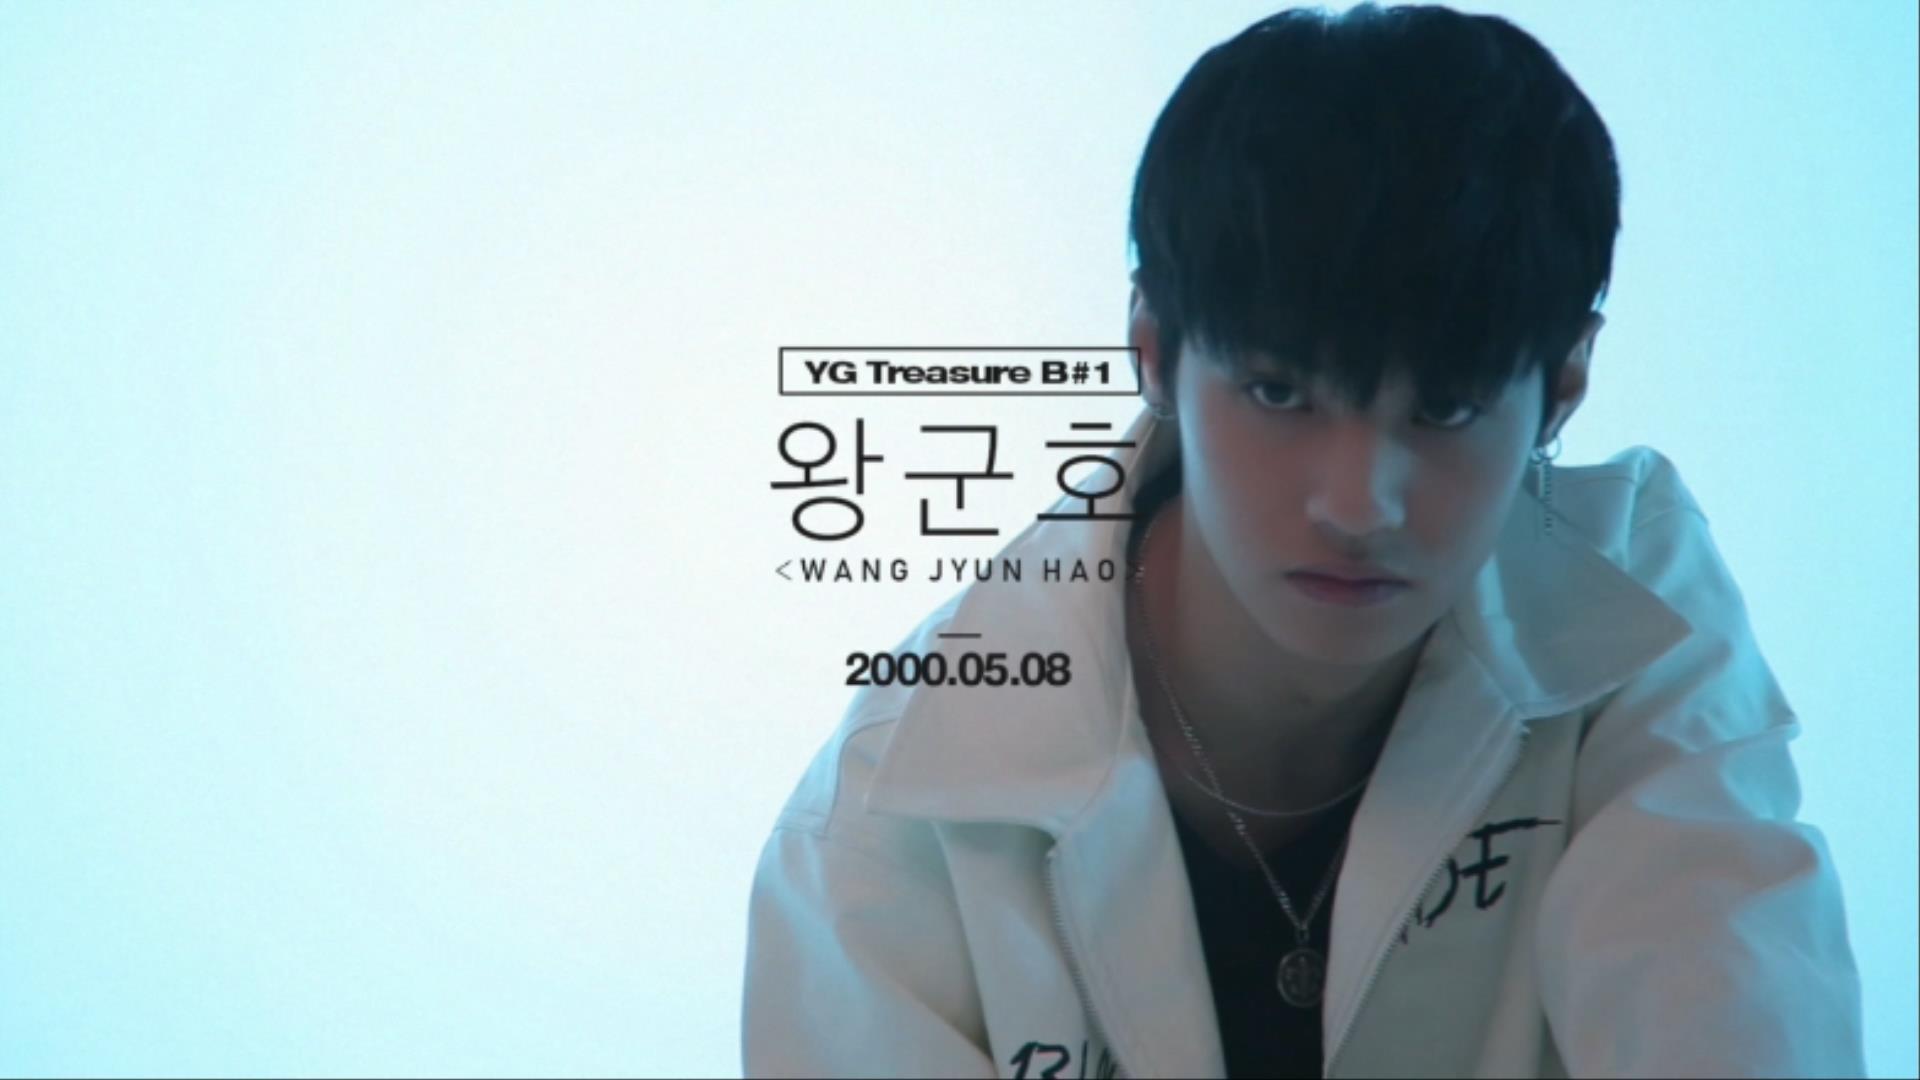 YG보석함ㅣB#1 왕군호 <WANG JYUNHAO> PROFILE MAKING FILM